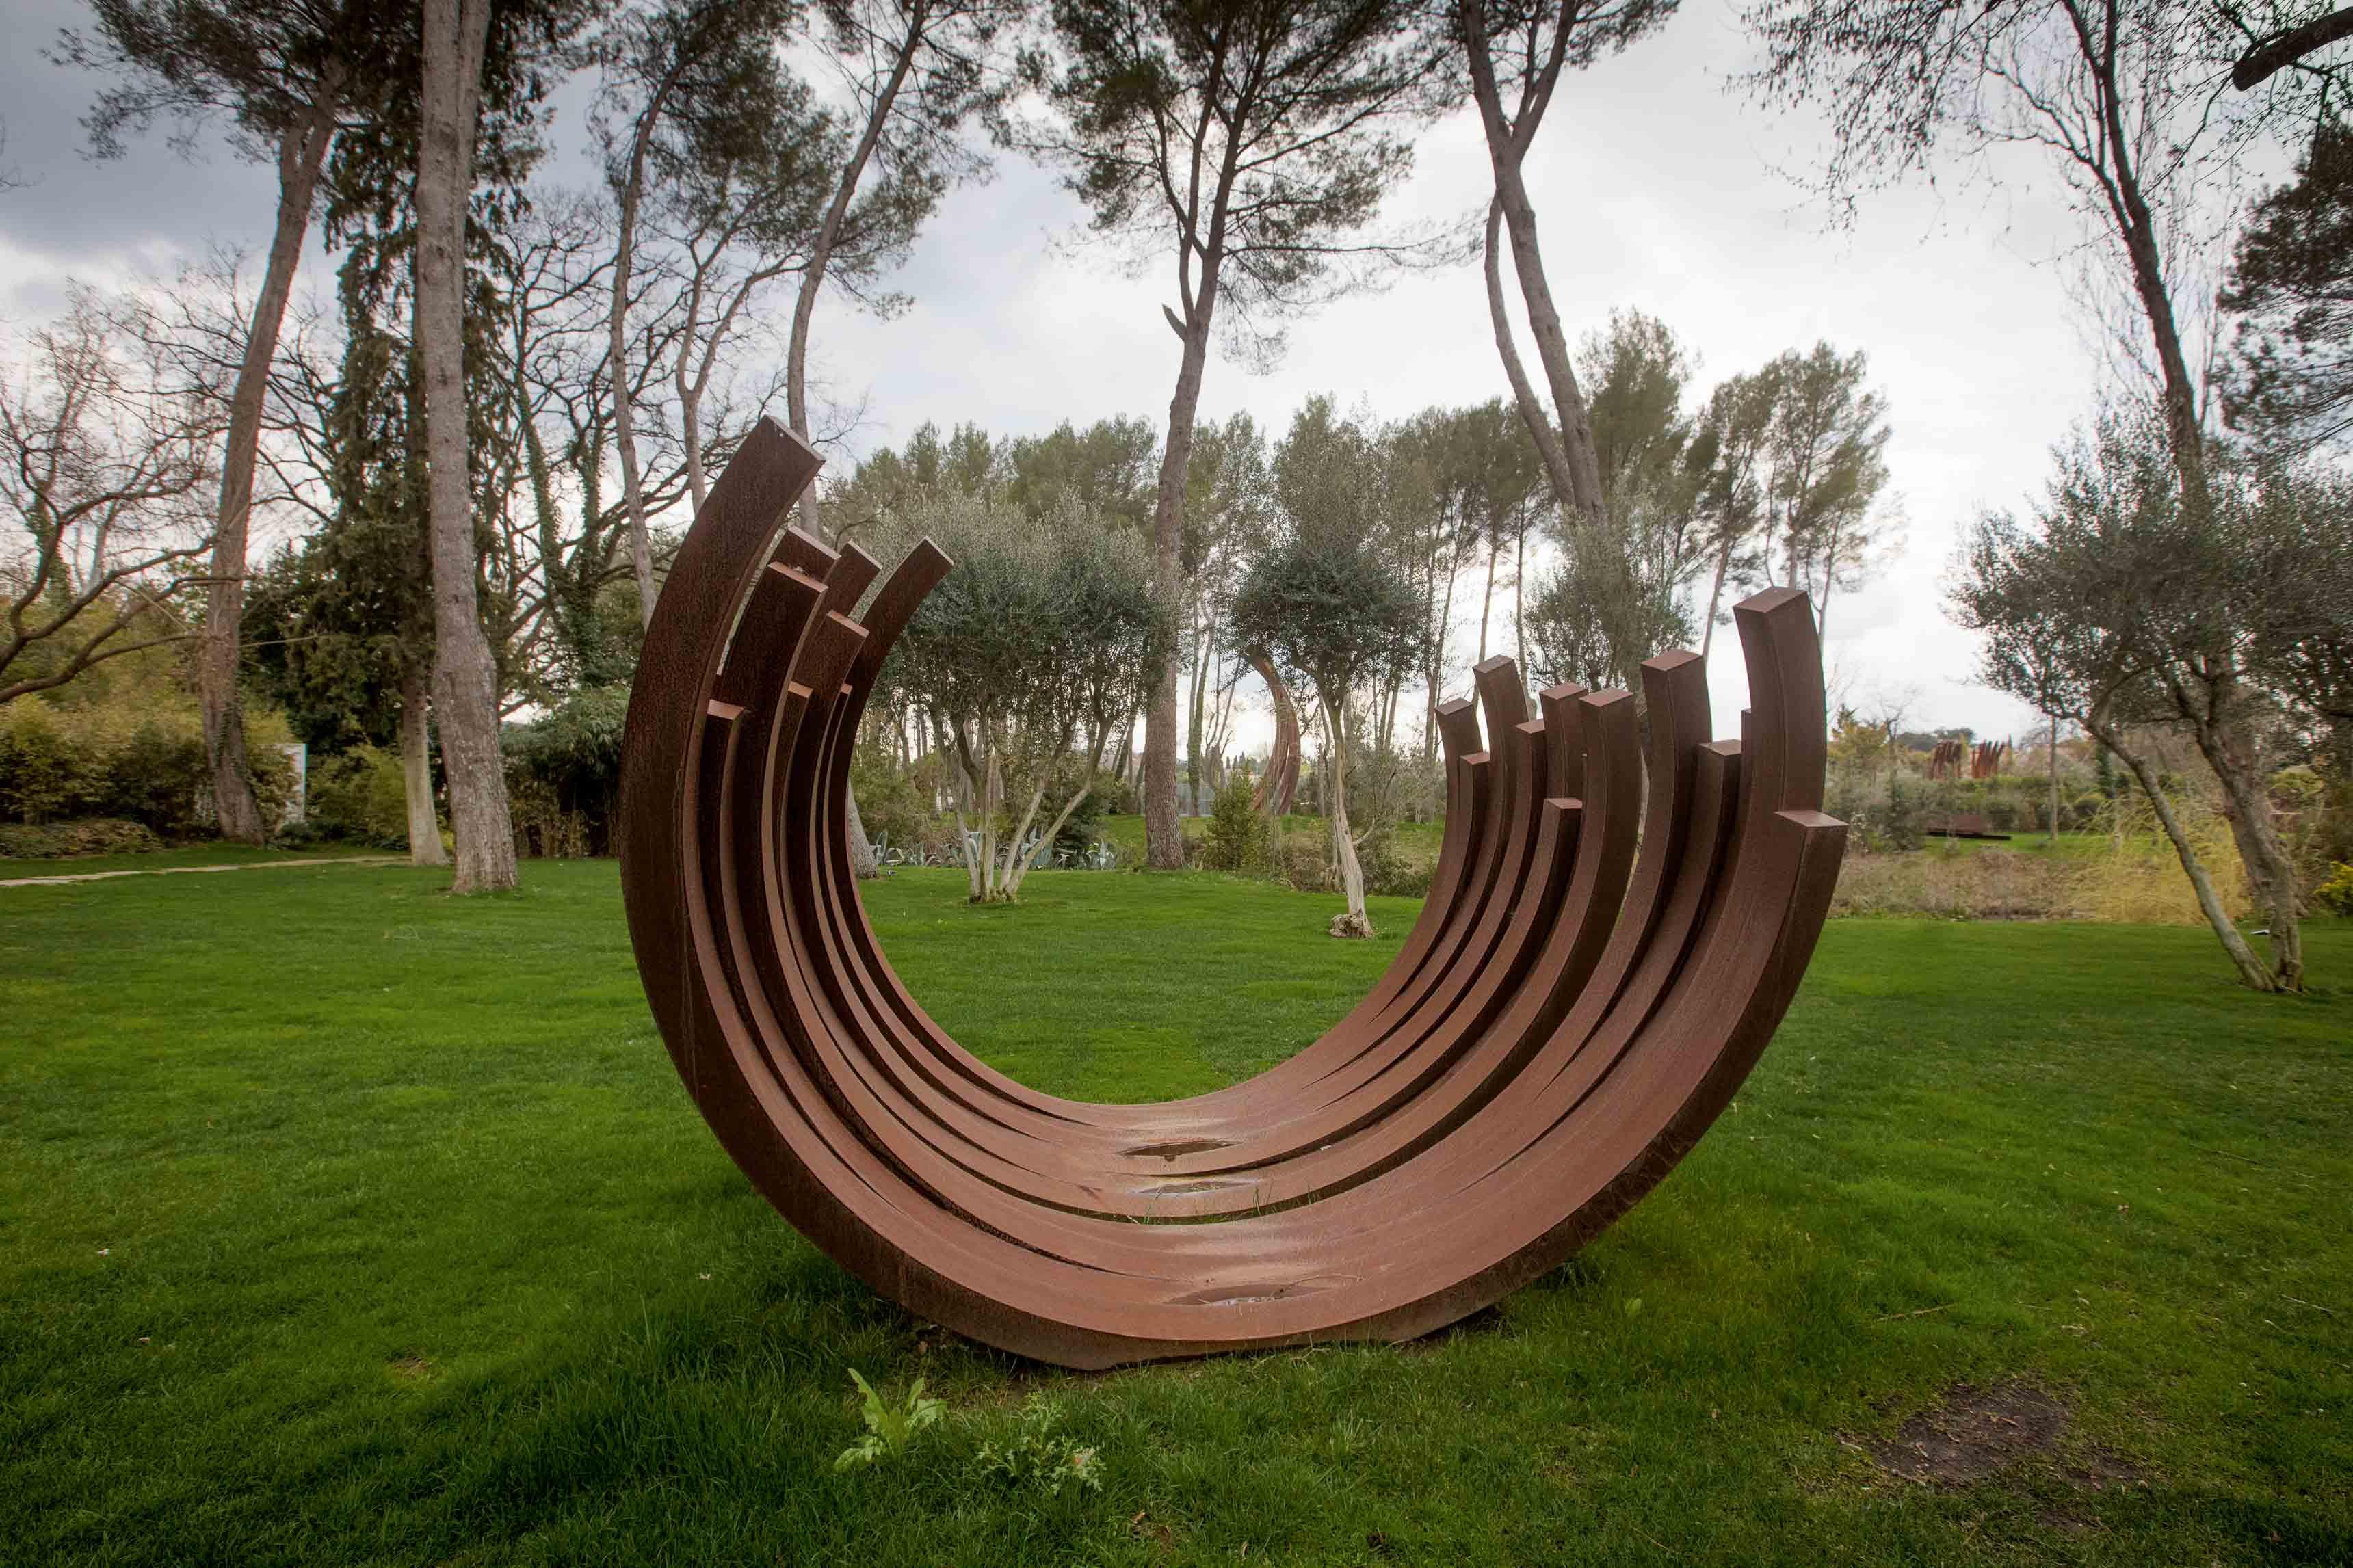 Une sculpture monumentale de Bernar Venet installée au sein de sa Fondation, près du Muy, dans le Var.